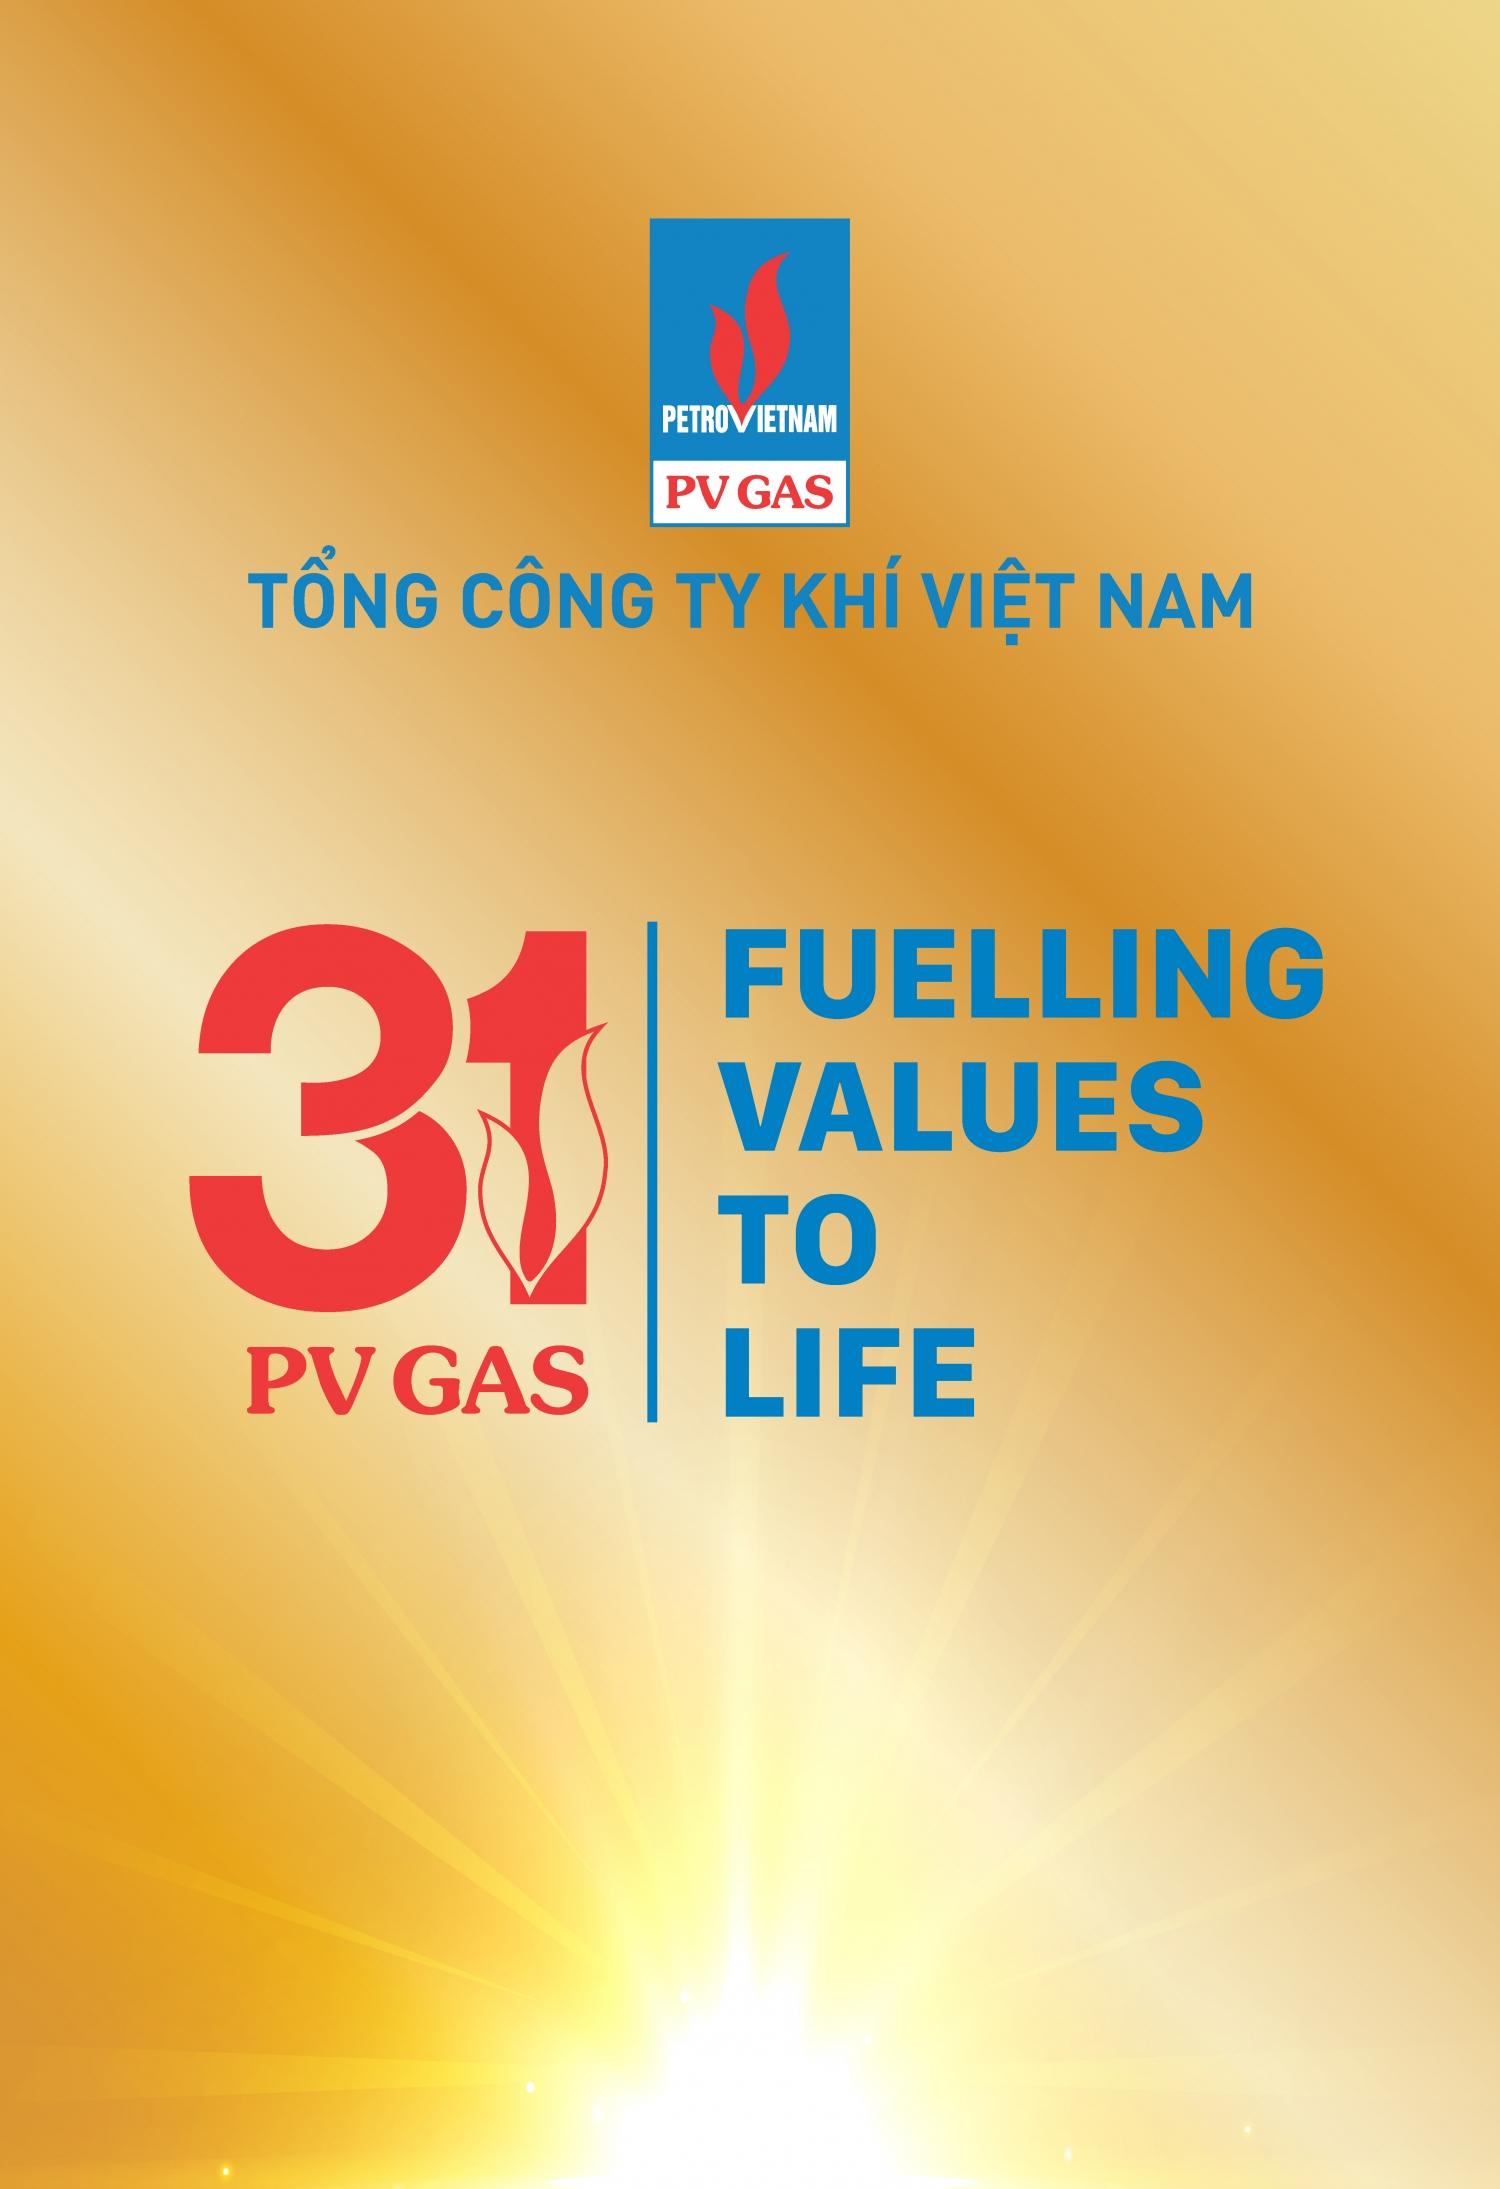 PV GAS chào mừng 31 năm thành lập bằng hành động quyết chiến với đại dịch